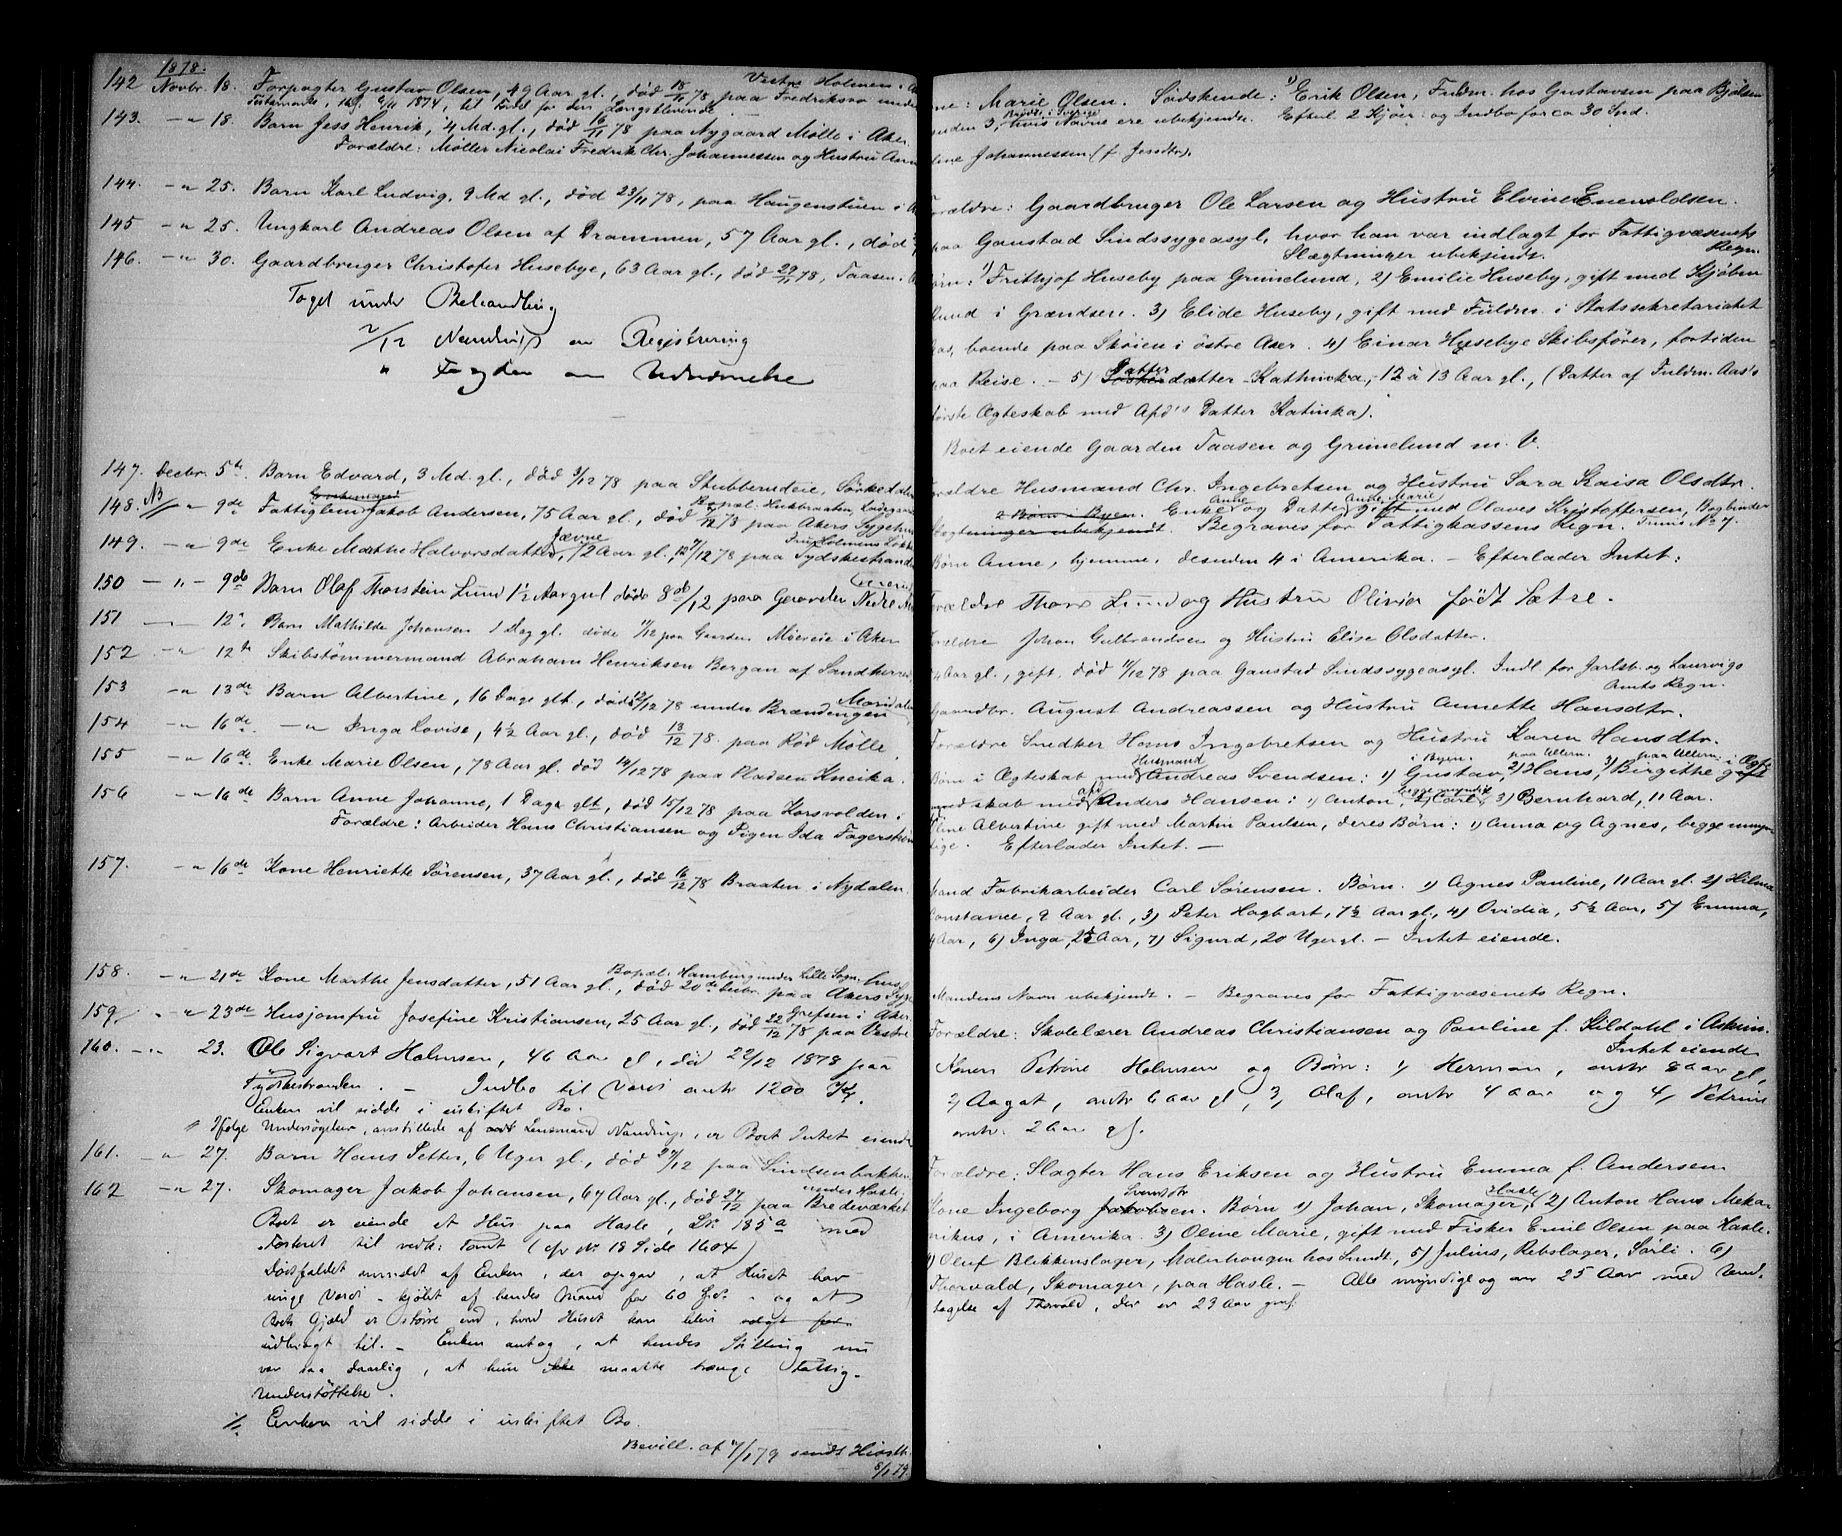 SAO, Aker sorenskriveri, H/Ha/Haa/L0006: Dødsanmeldelsesprotokoll, 1876-1886, s. upaginert